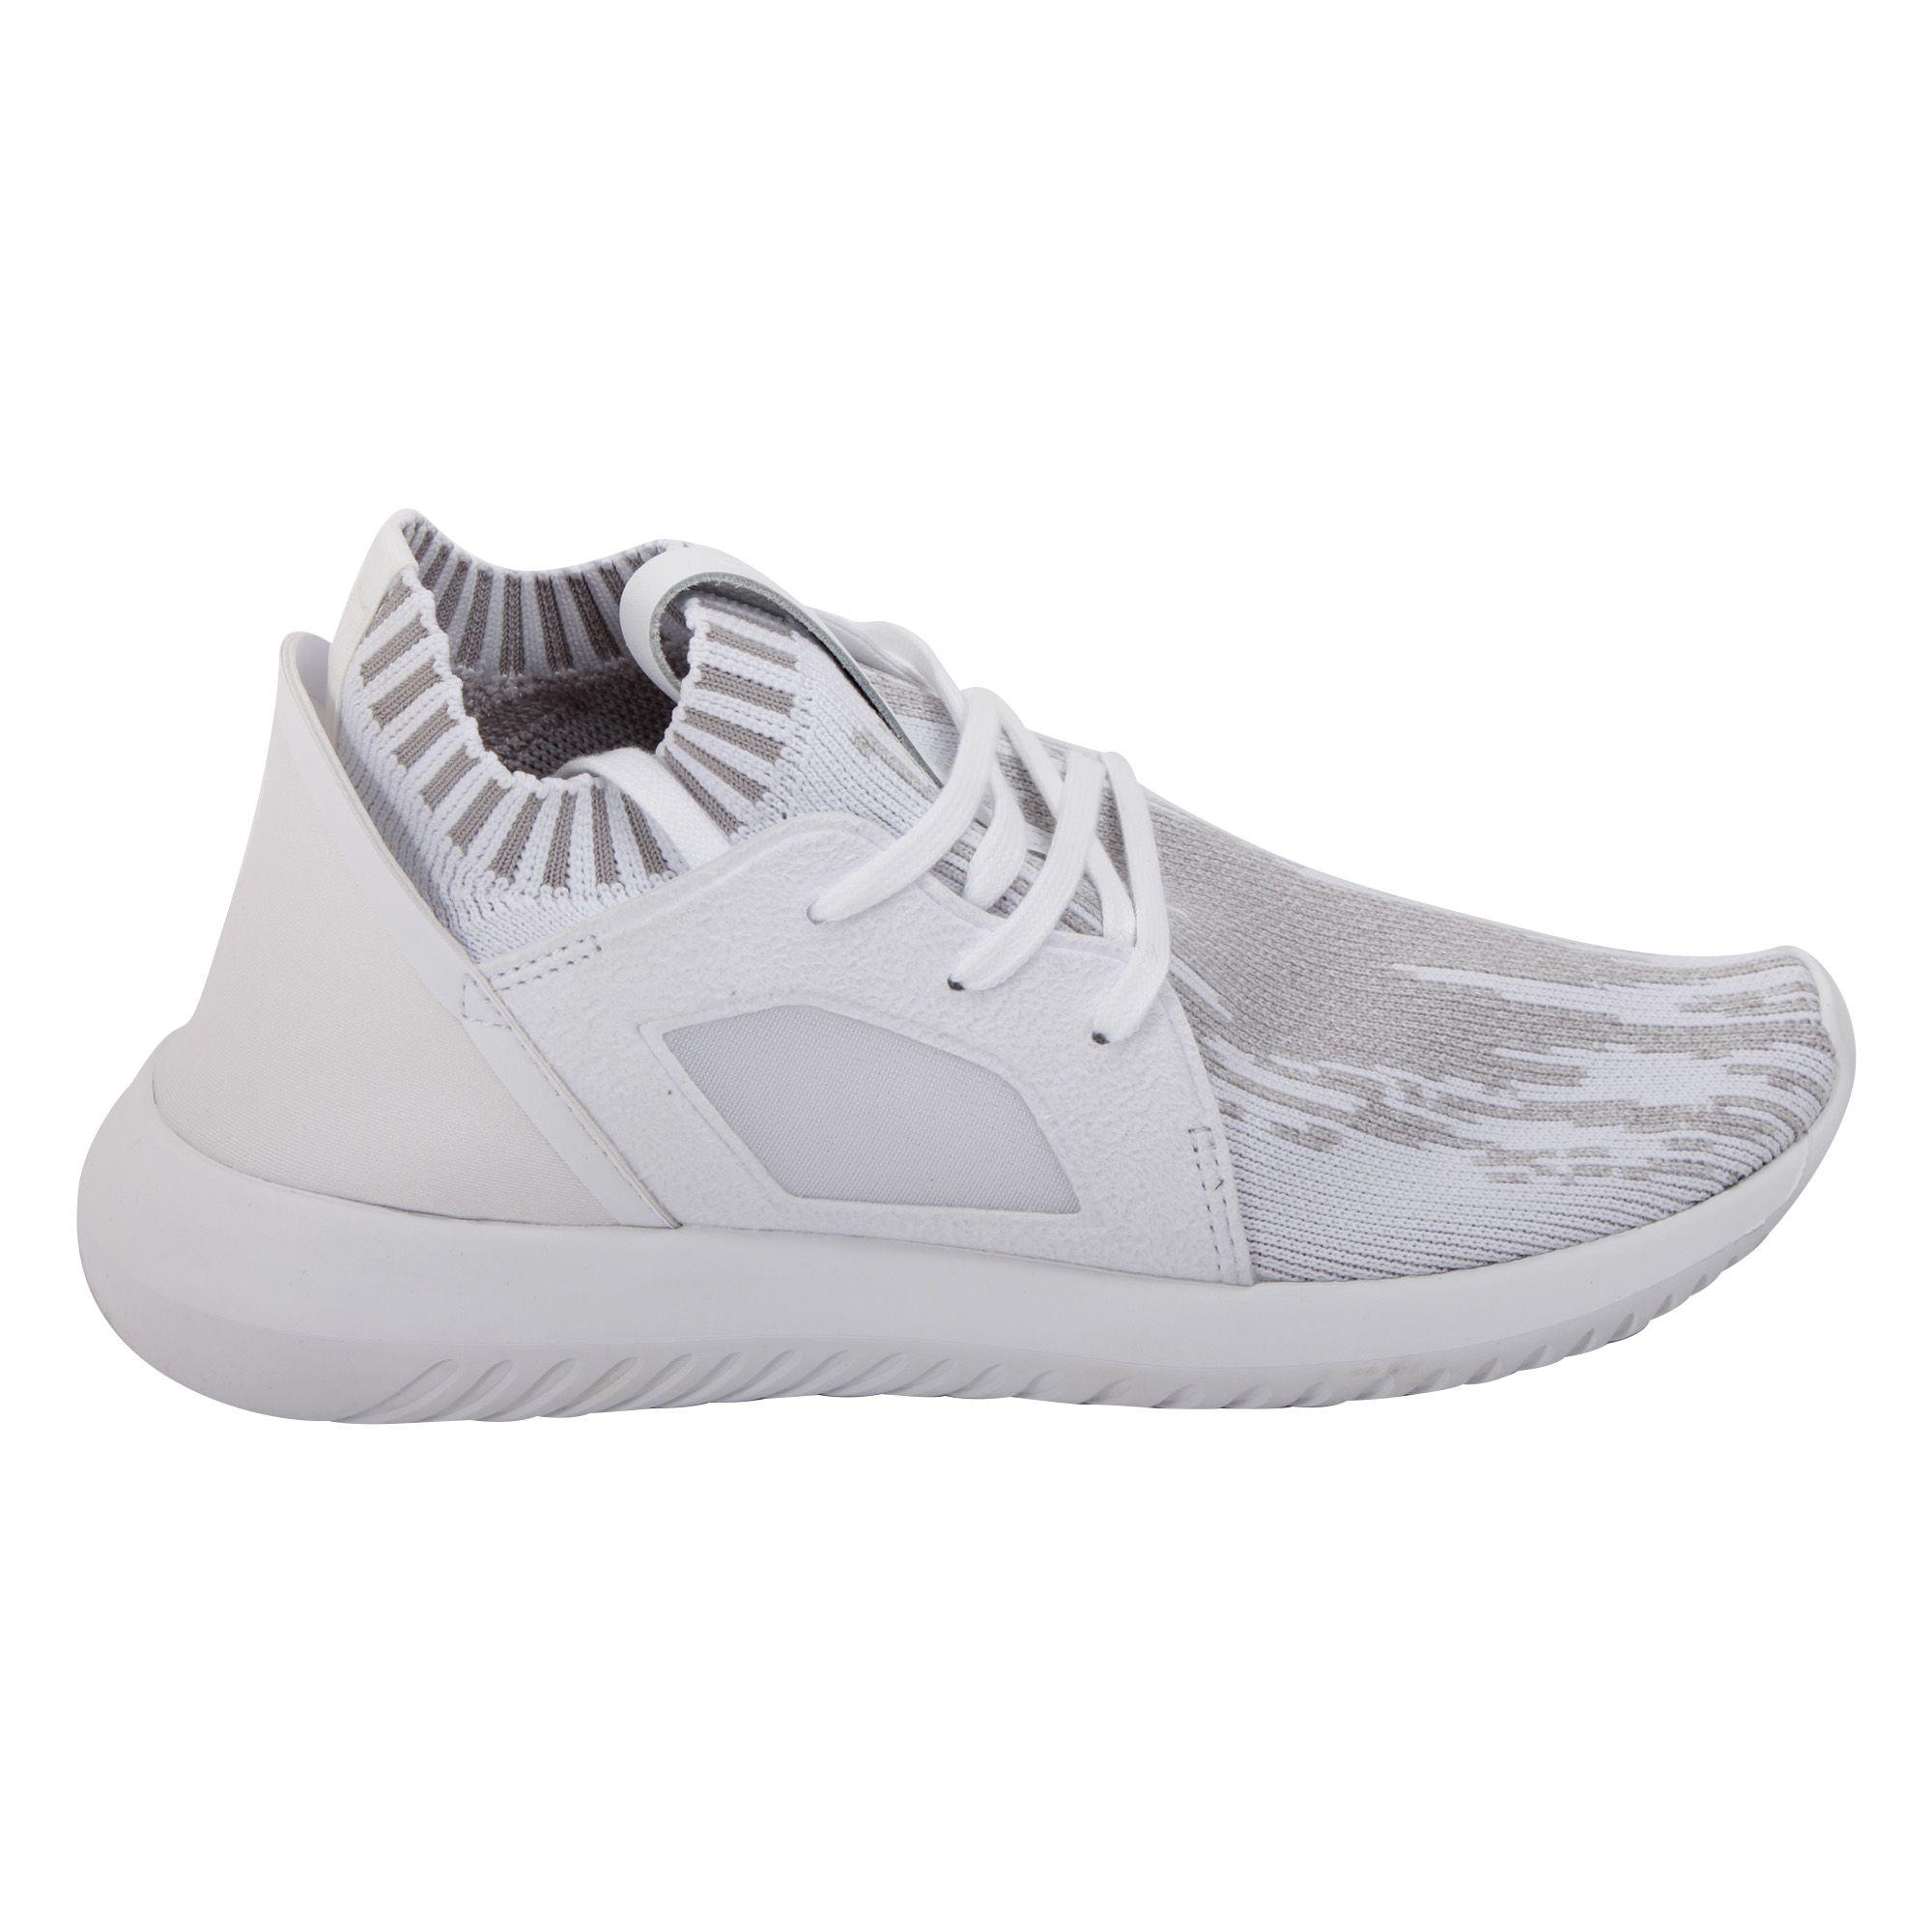 ADIDAS WOMEN'S BB5142 WHITE Nylon SNEAKERS